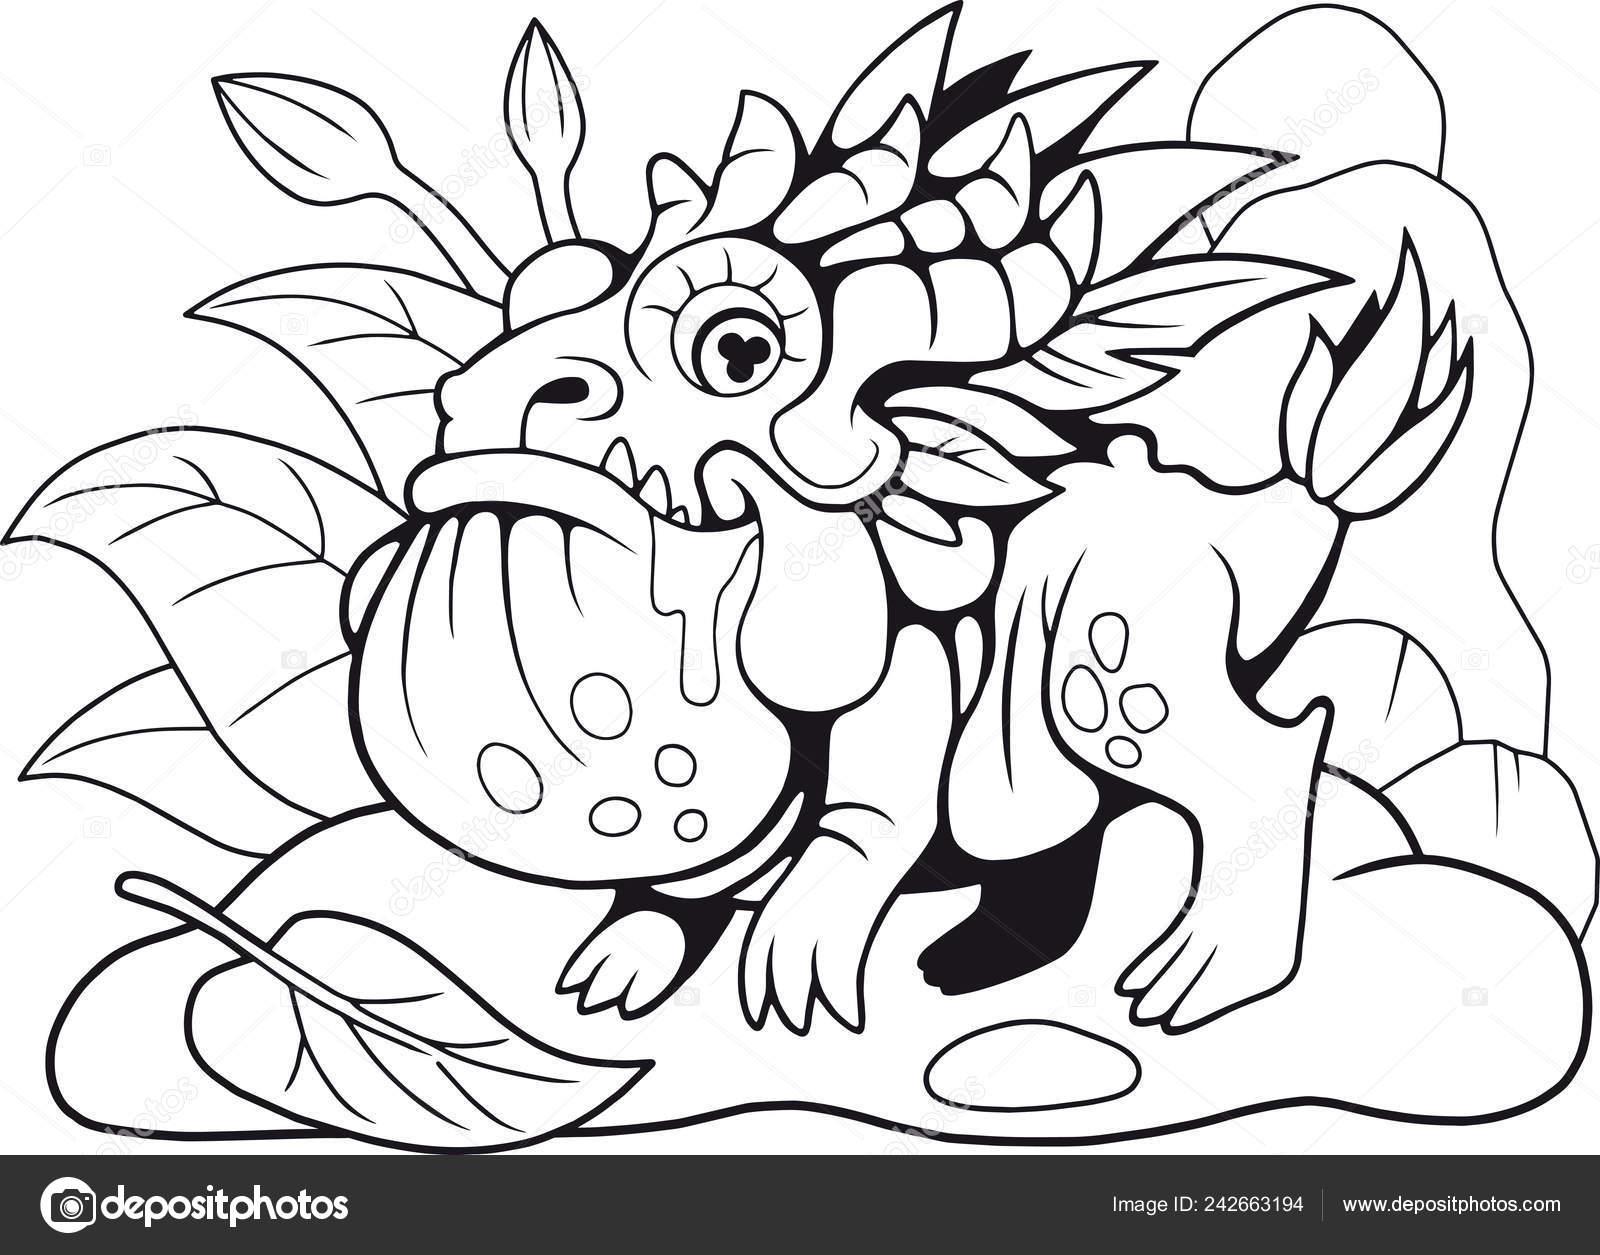 Mignon Petit Crapaud Dragon Coloriages Illustration Drole Image Vectorielle Fargon C 242663194